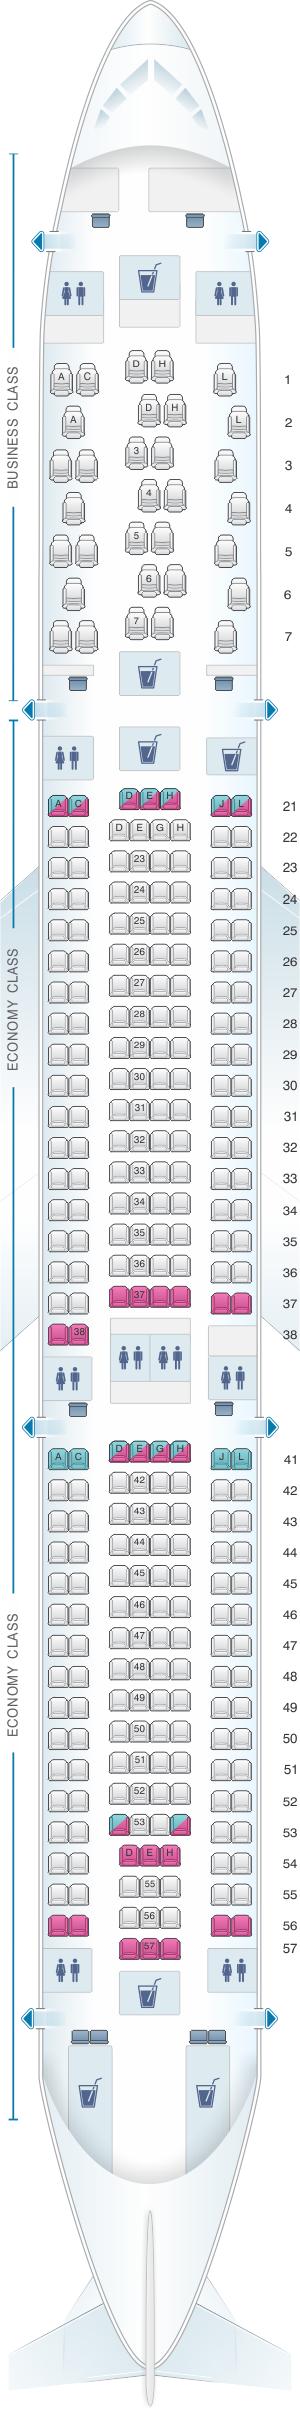 Seat map for Finnair Airbus A330 300 297PAX